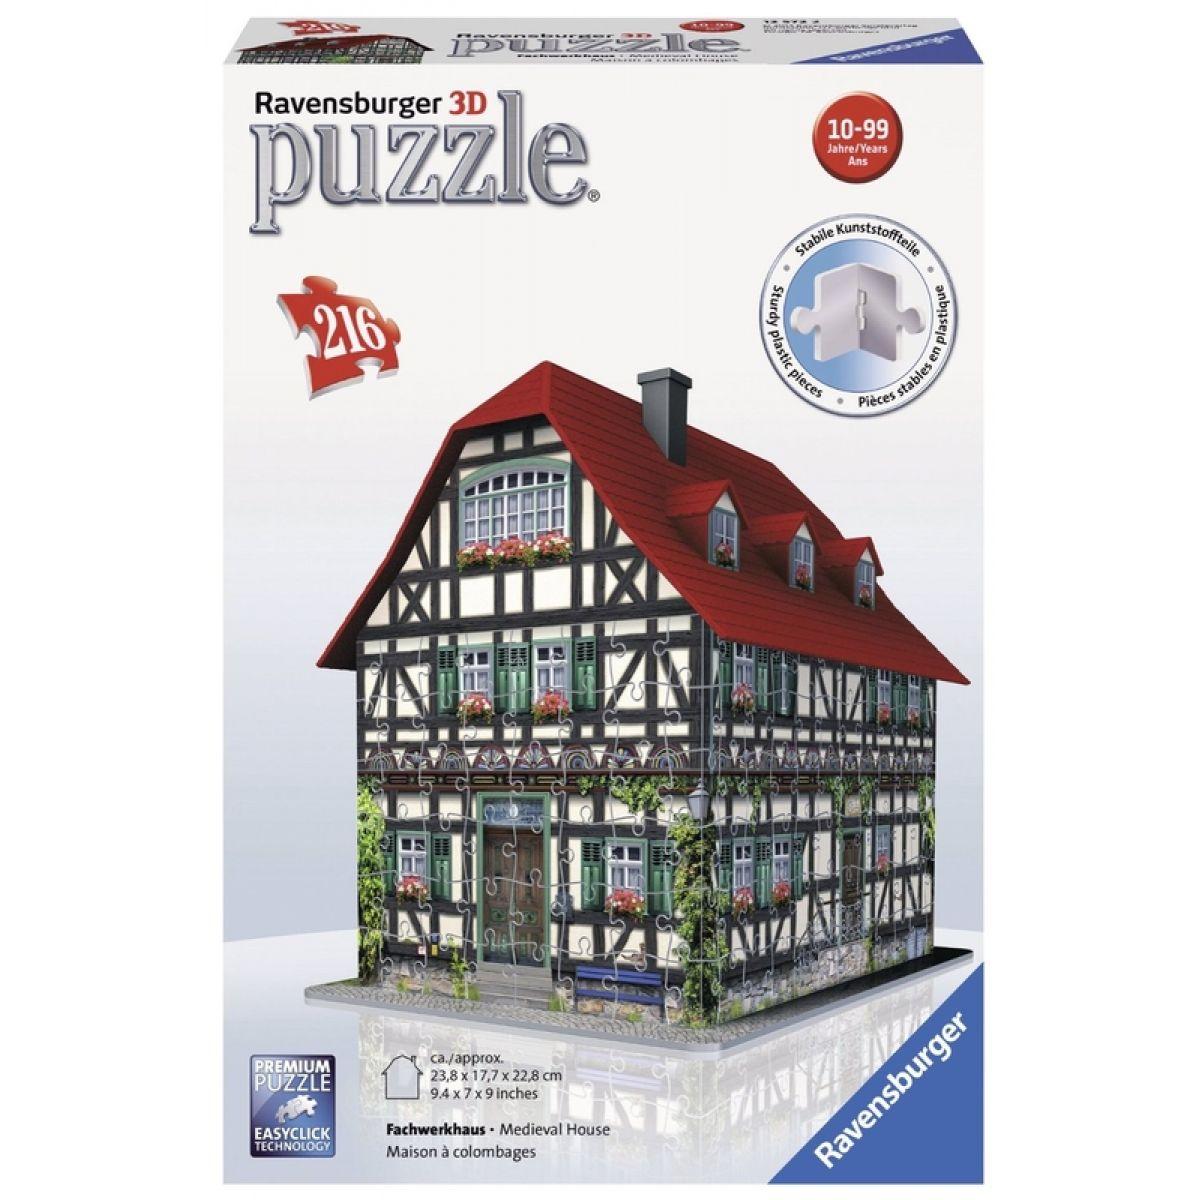 Ravensburger 3D puzzle Hrázděný dům 216 dielikov